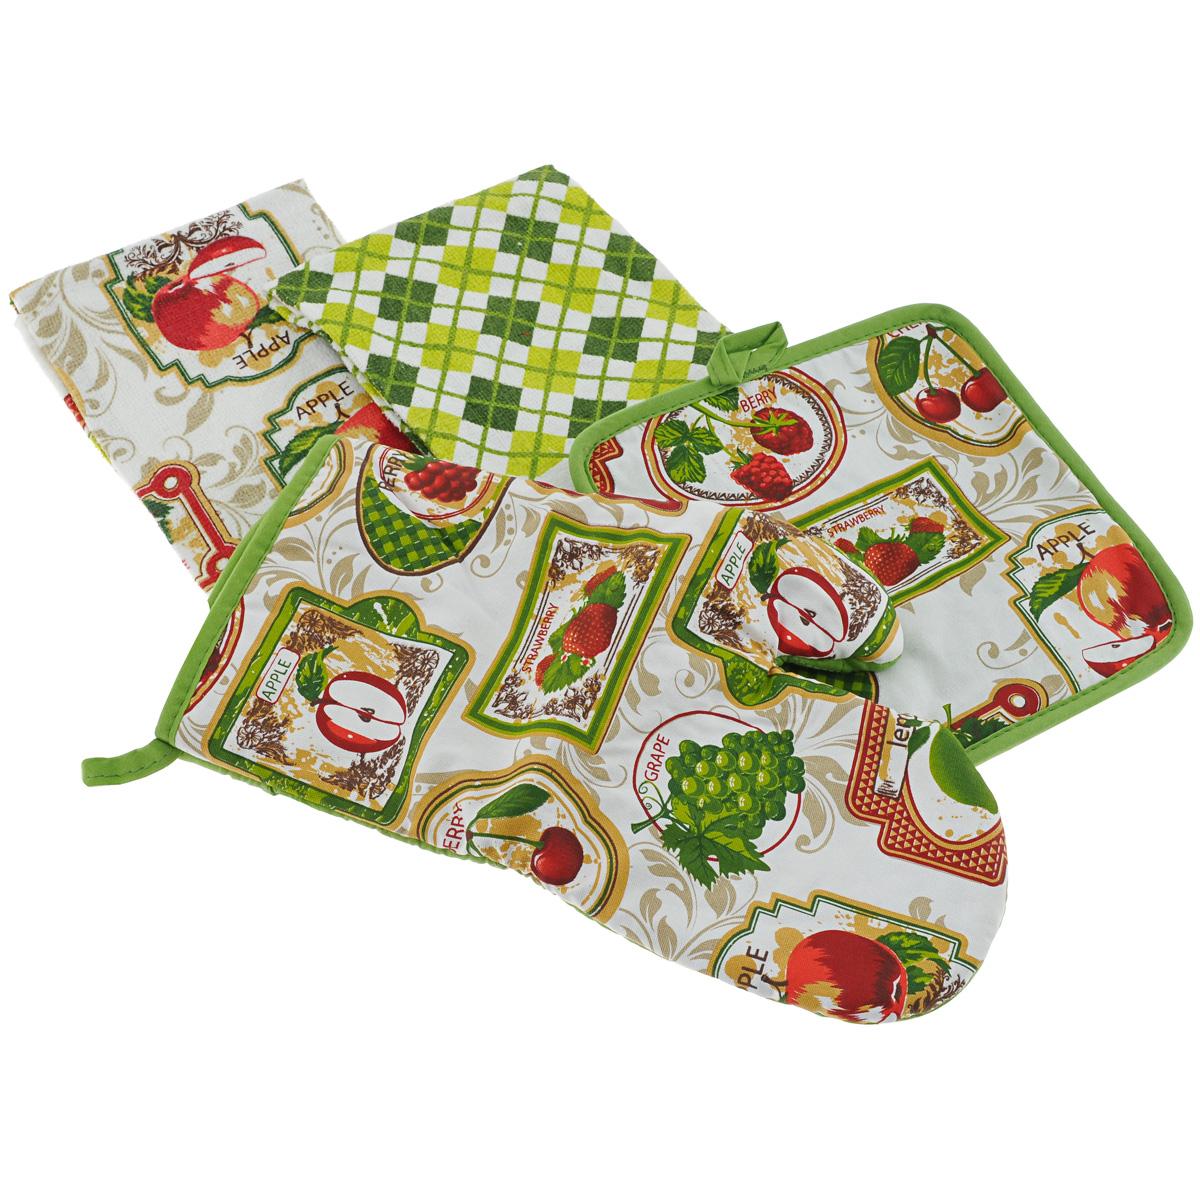 Набор для кухни Primavelle Фрукты, 4 предмета68/5/4Набор для кухни Primavelle Фрукты состоит из квадратной прихватки, варежки-прихватки и двух кухонных полотенец. Предметы набора изготовлены из натурального хлопка и оформлены ярким изображением фруктов.Махровые полотенца подарят вам мягкость и необыкновенный комфорт в использовании. Они идеально впитывают влагу и сохраняют свою необычайную мягкость даже после многих стирок. Одно из полотенец оформлено принтом в клетку, а другое - изображением фруктов. Прихватки снабжены петелькой для удобного подвешивания на крючок, они защитят ваши руки от воздействия горячих температур и обеспечат комфорт во время приготовления пищи. Кроме того, комплект имеет яркий красочный дизайн, он украсит ваш интерьер и станет прекрасным подарком.Размер полотенец: 38 см х 64 см.Размер прихватки: 20 см х 20 см.Размер варежки-прихватки: 18 см х 33 см.